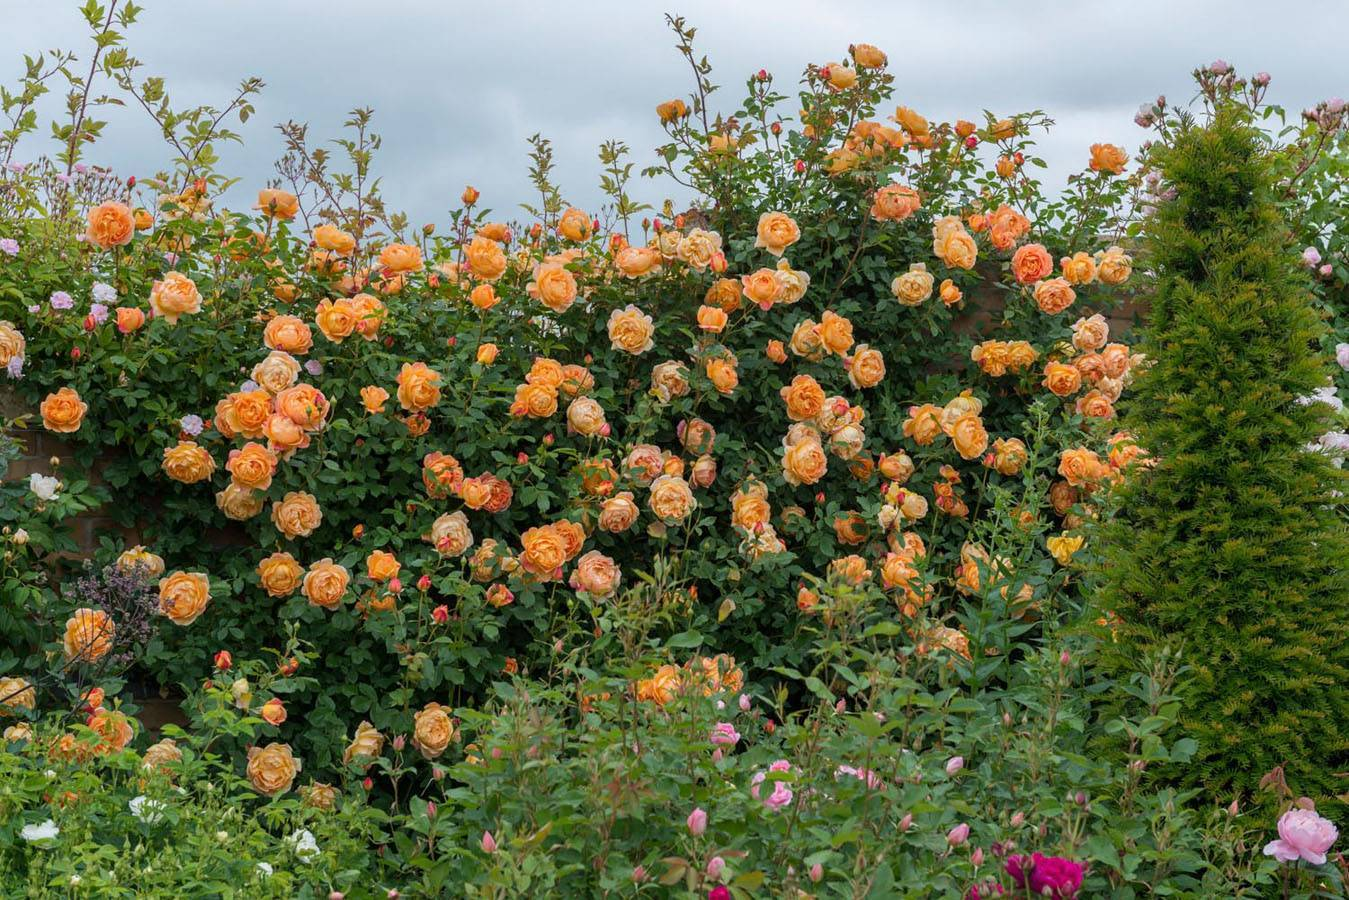 Садовая роза аганжемент: описание и фото сорта, особенности цветения, правила ухода, размножение и другие нюансы